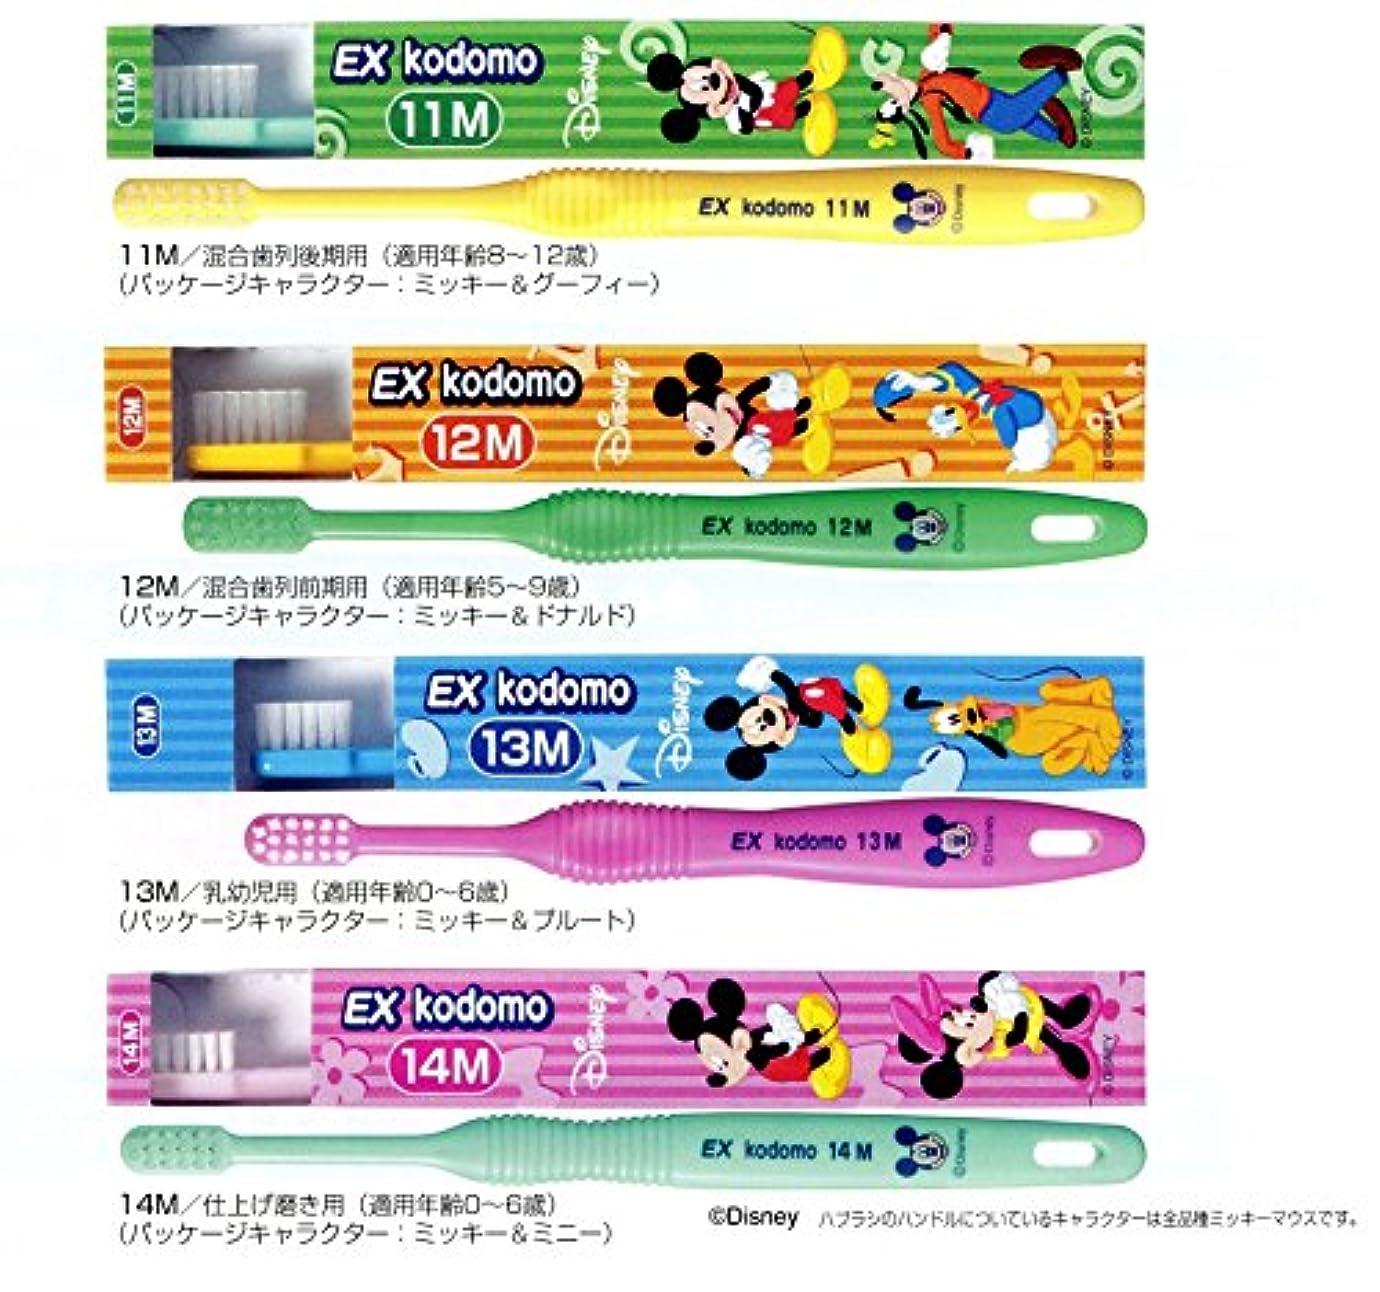 大胆なむしろ透けるライオン コドモ ディズニー DENT.EX kodomo Disney 1本 12M ブルー (5?9歳)